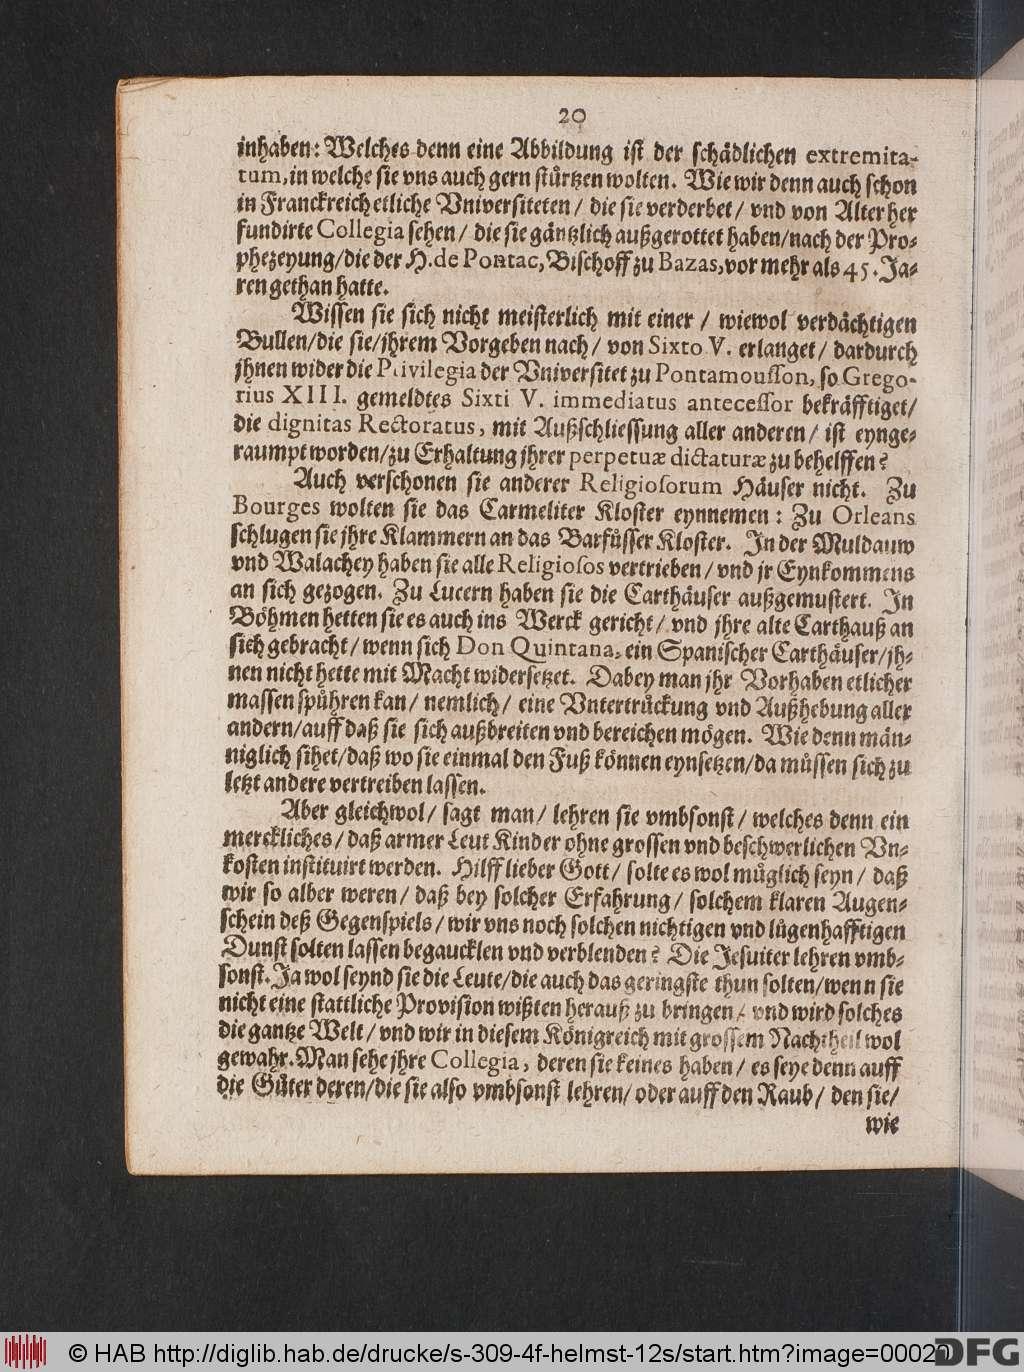 http://diglib.hab.de/drucke/s-309-4f-helmst-12s/00020.jpg